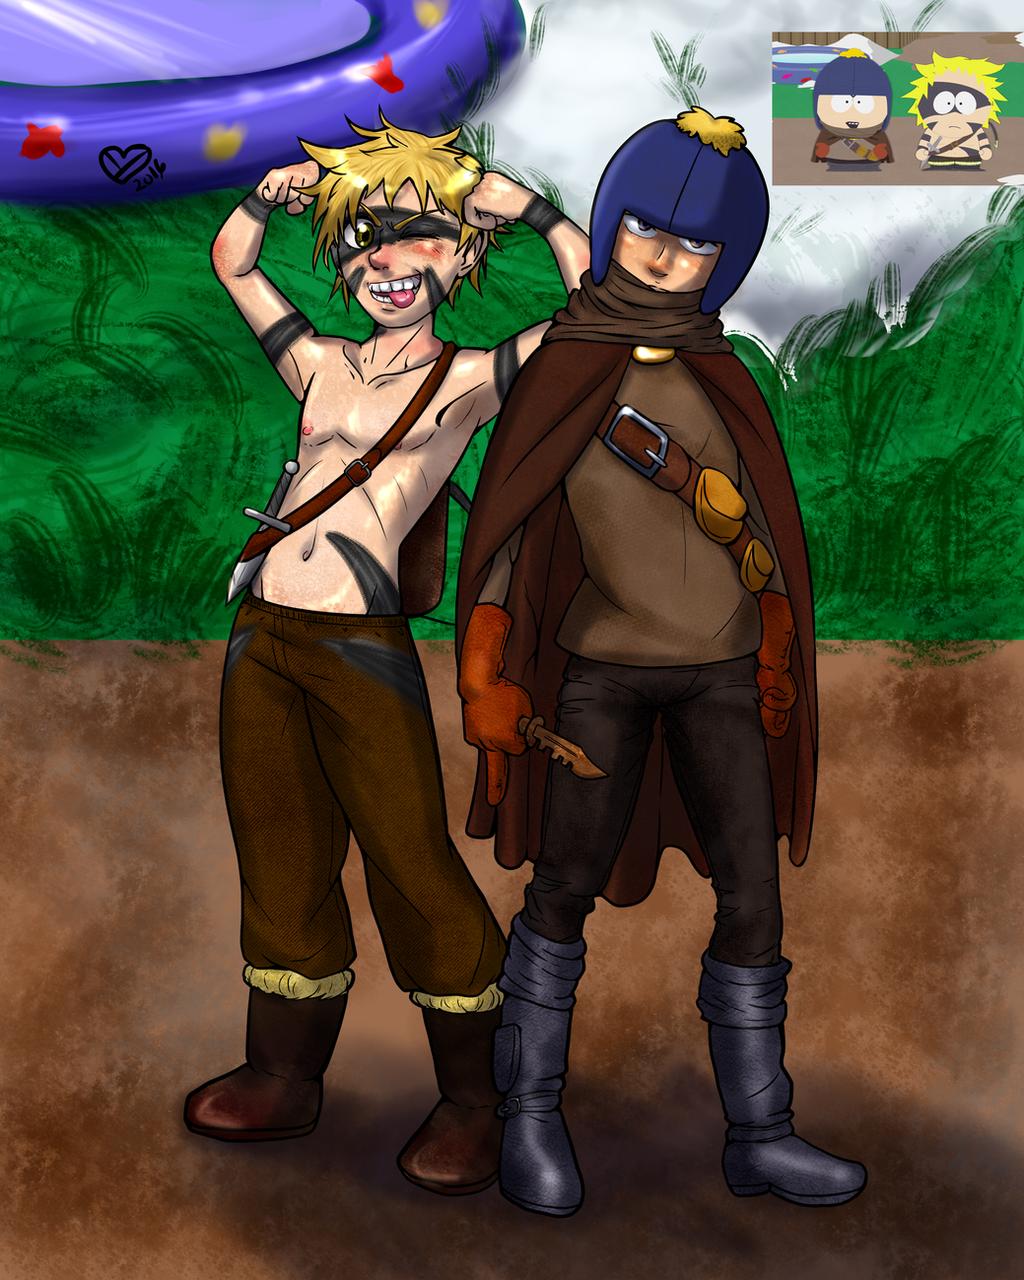 Feldspar the Thief and Tweek the Barbarian by Ynnep